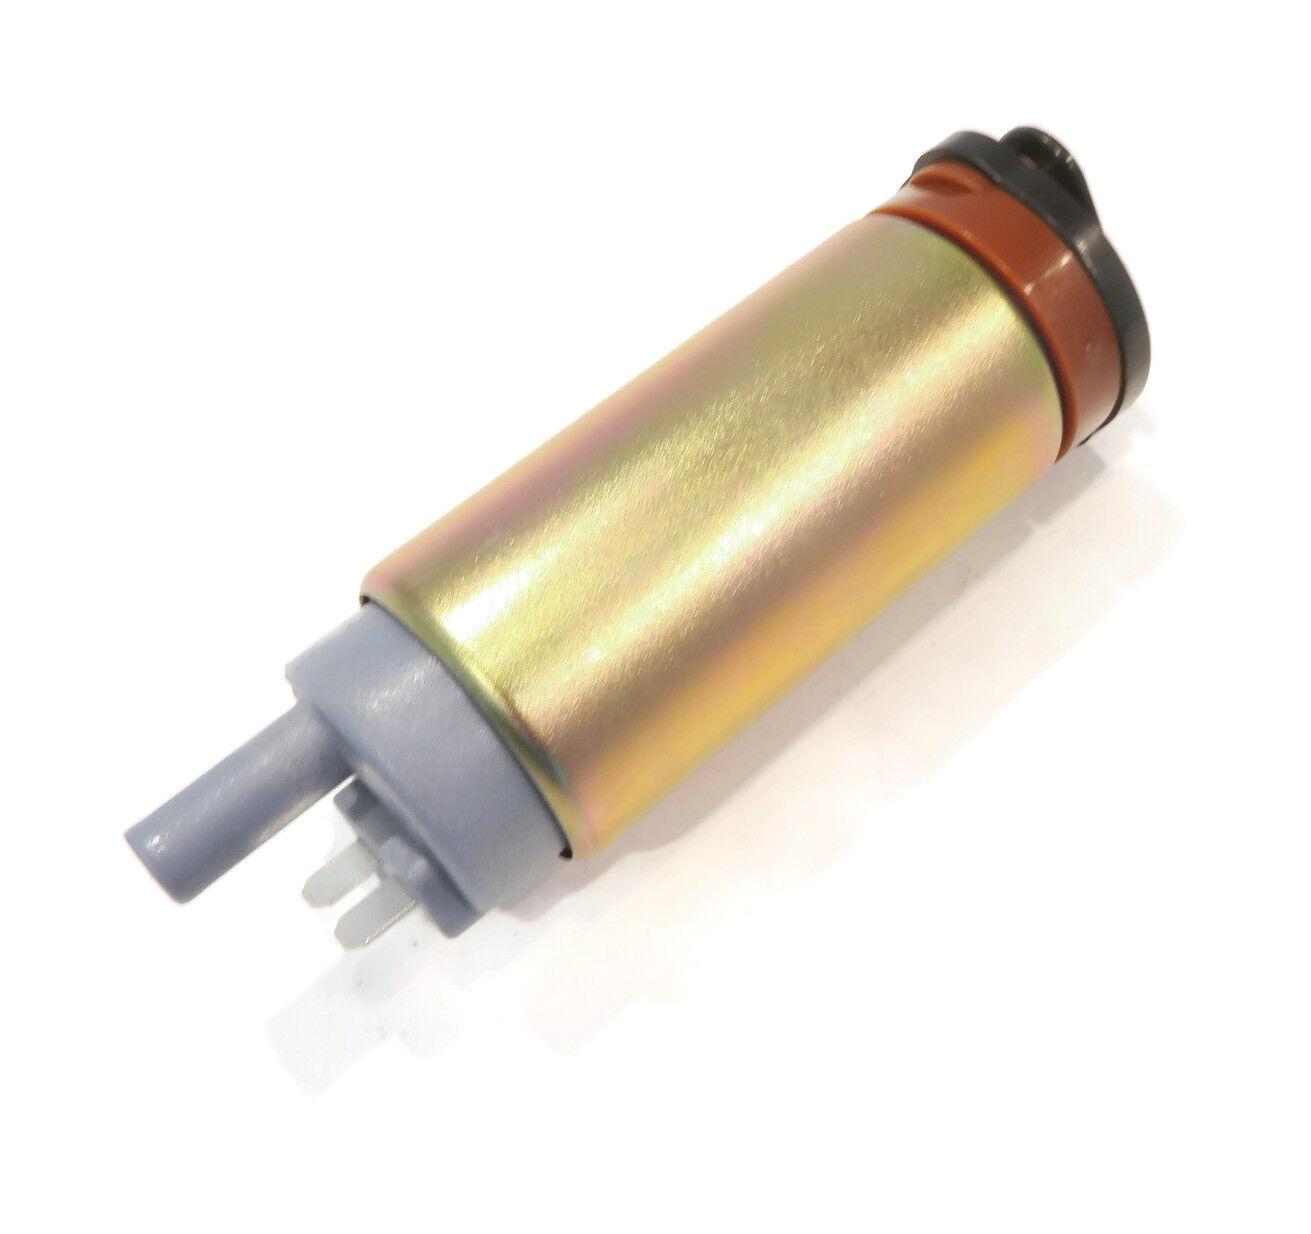 ELECTRIC FUEL PUMP fit Mercury 25HP 2006 1A25213FK 1A25311EK 1A25203EL 1A25203FM